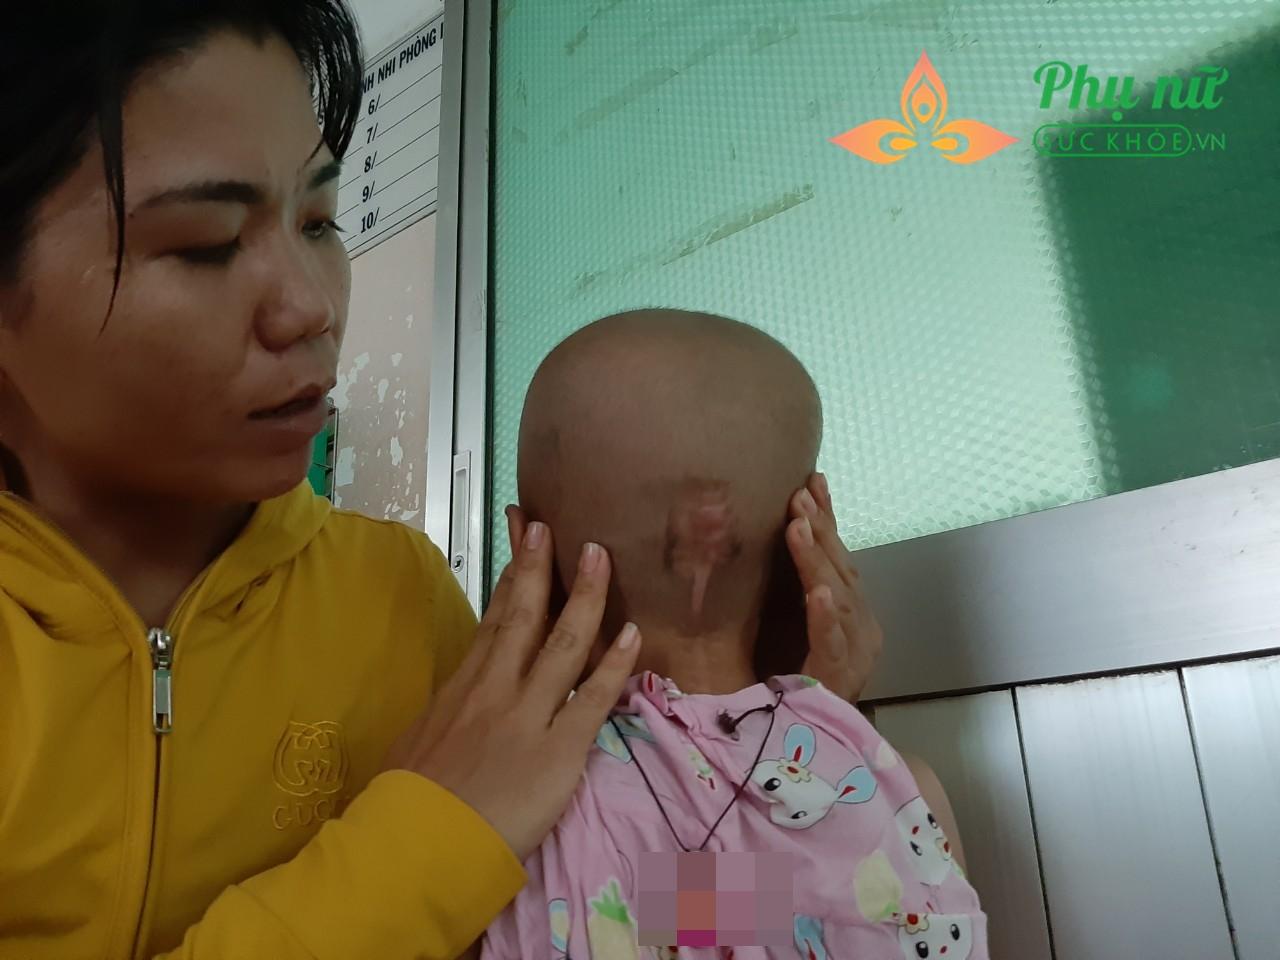 Mới 6 tuổi, bé Vàng đã trải qua 2 cuộc phẫu thuật não bộ, để lại những vết sẹo rất lớn